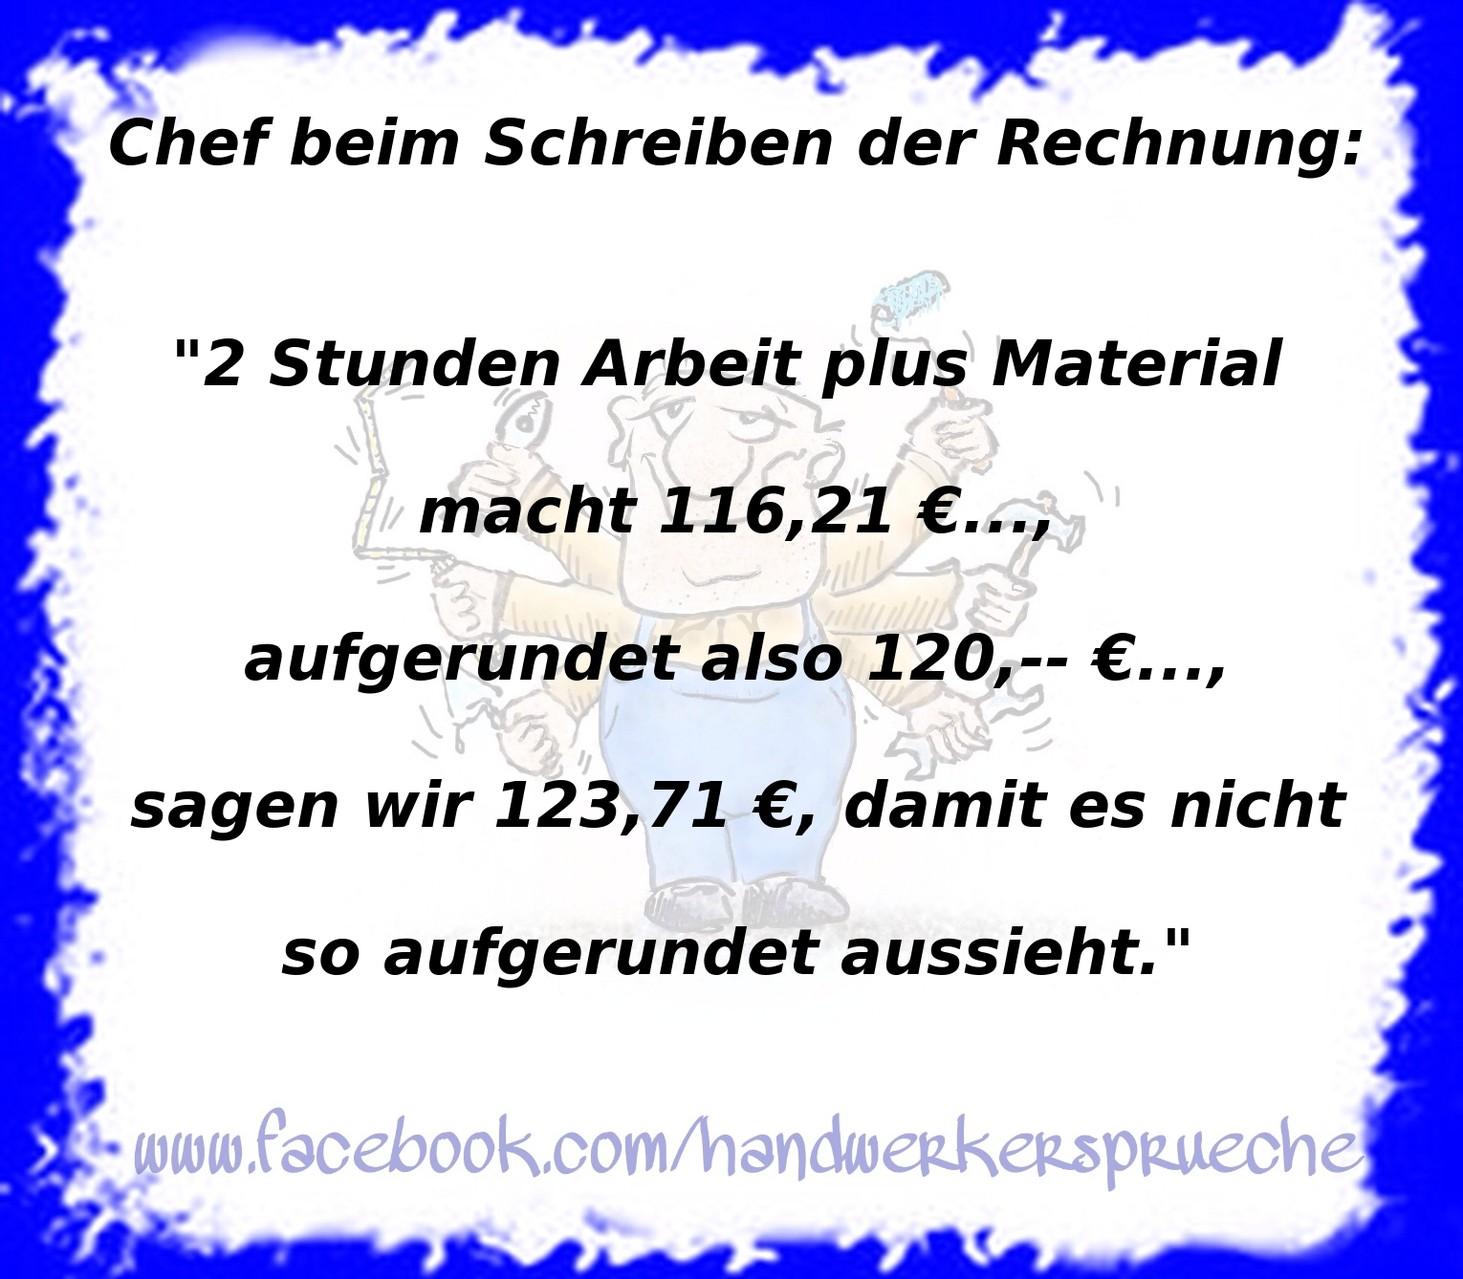 Weihnachtssprüche Chef In Witze Sprüche.Best Of Handwerkersprüche Best Of Handwerkersprüche